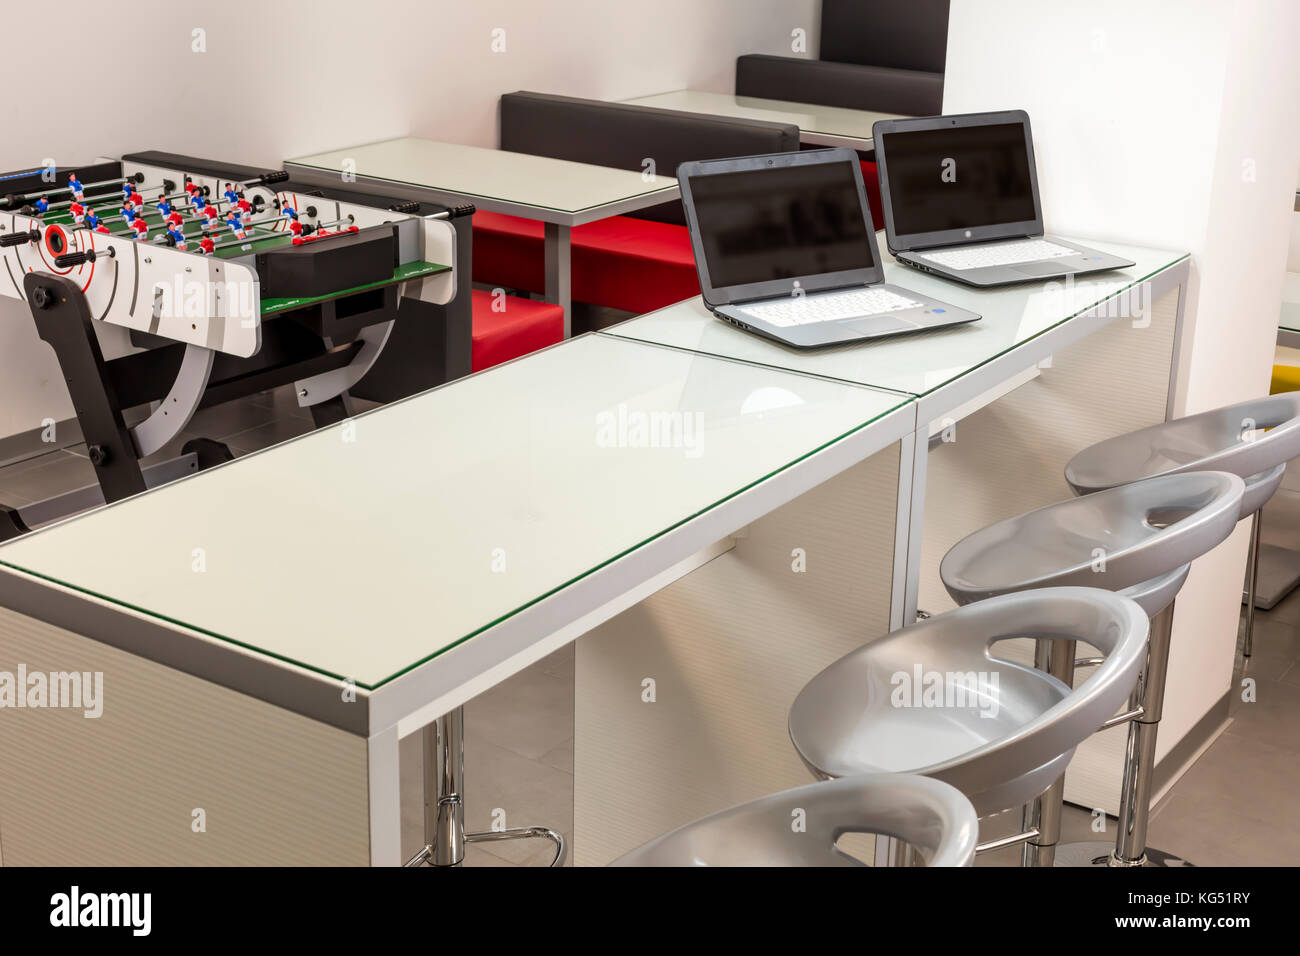 Moderno lounge spazio in una scuola o in un ufficio. Immagini Stock